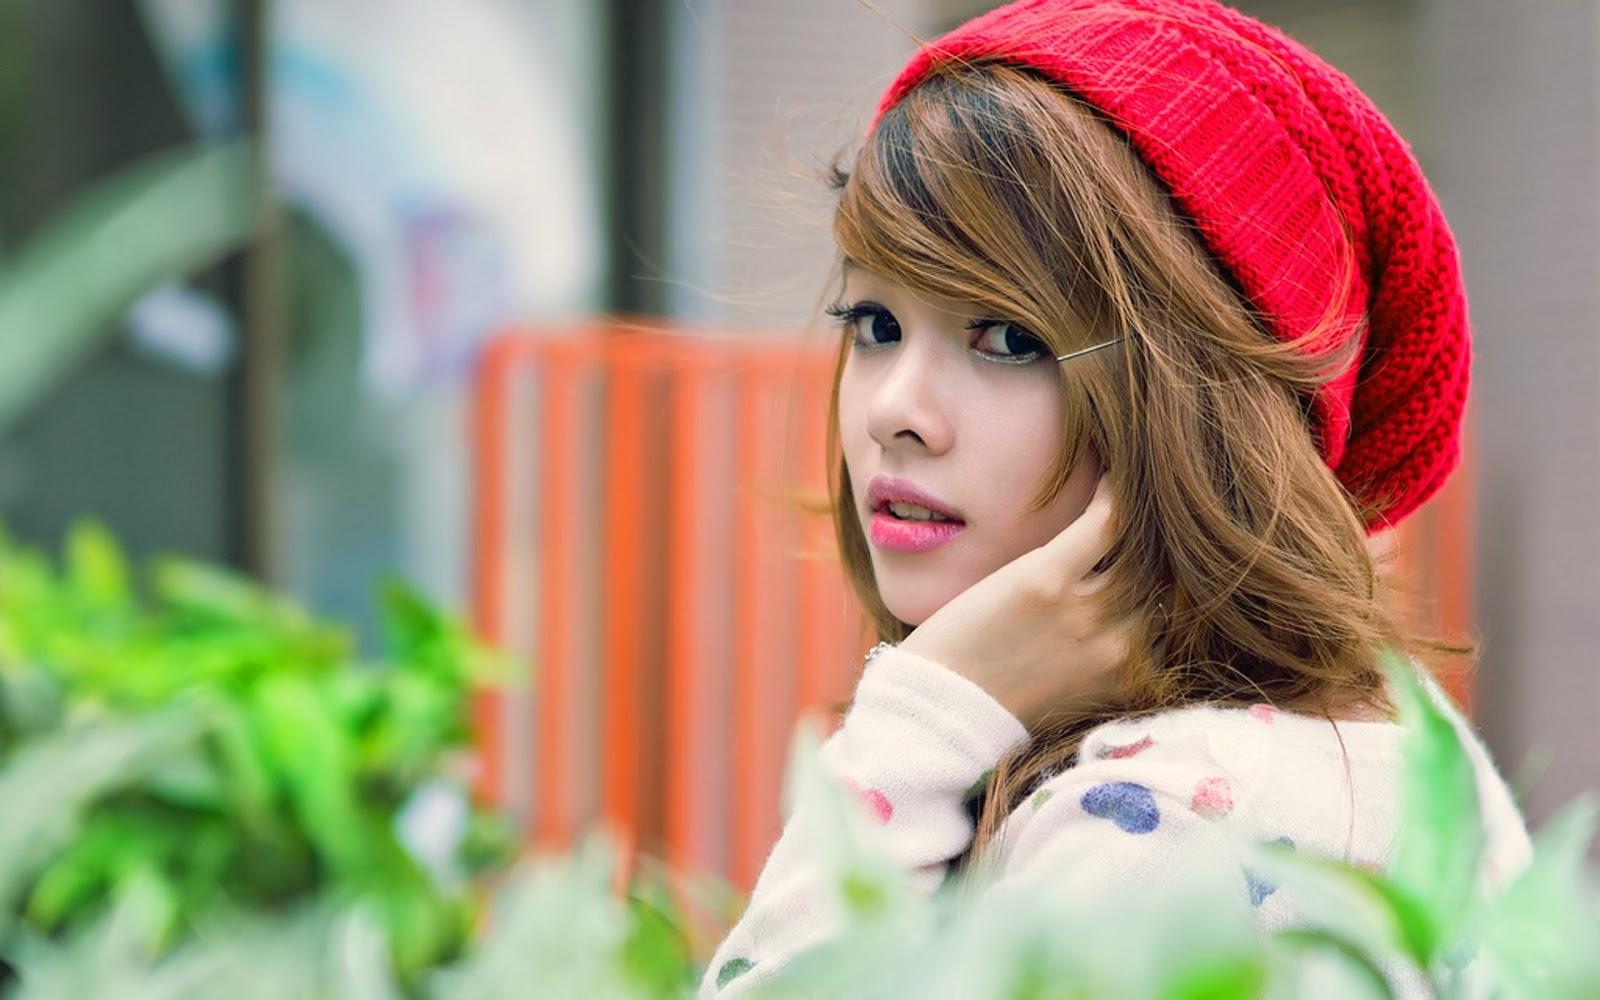 Asian desktop wallpaper wallpapersafari for Teenage girl wallpapers